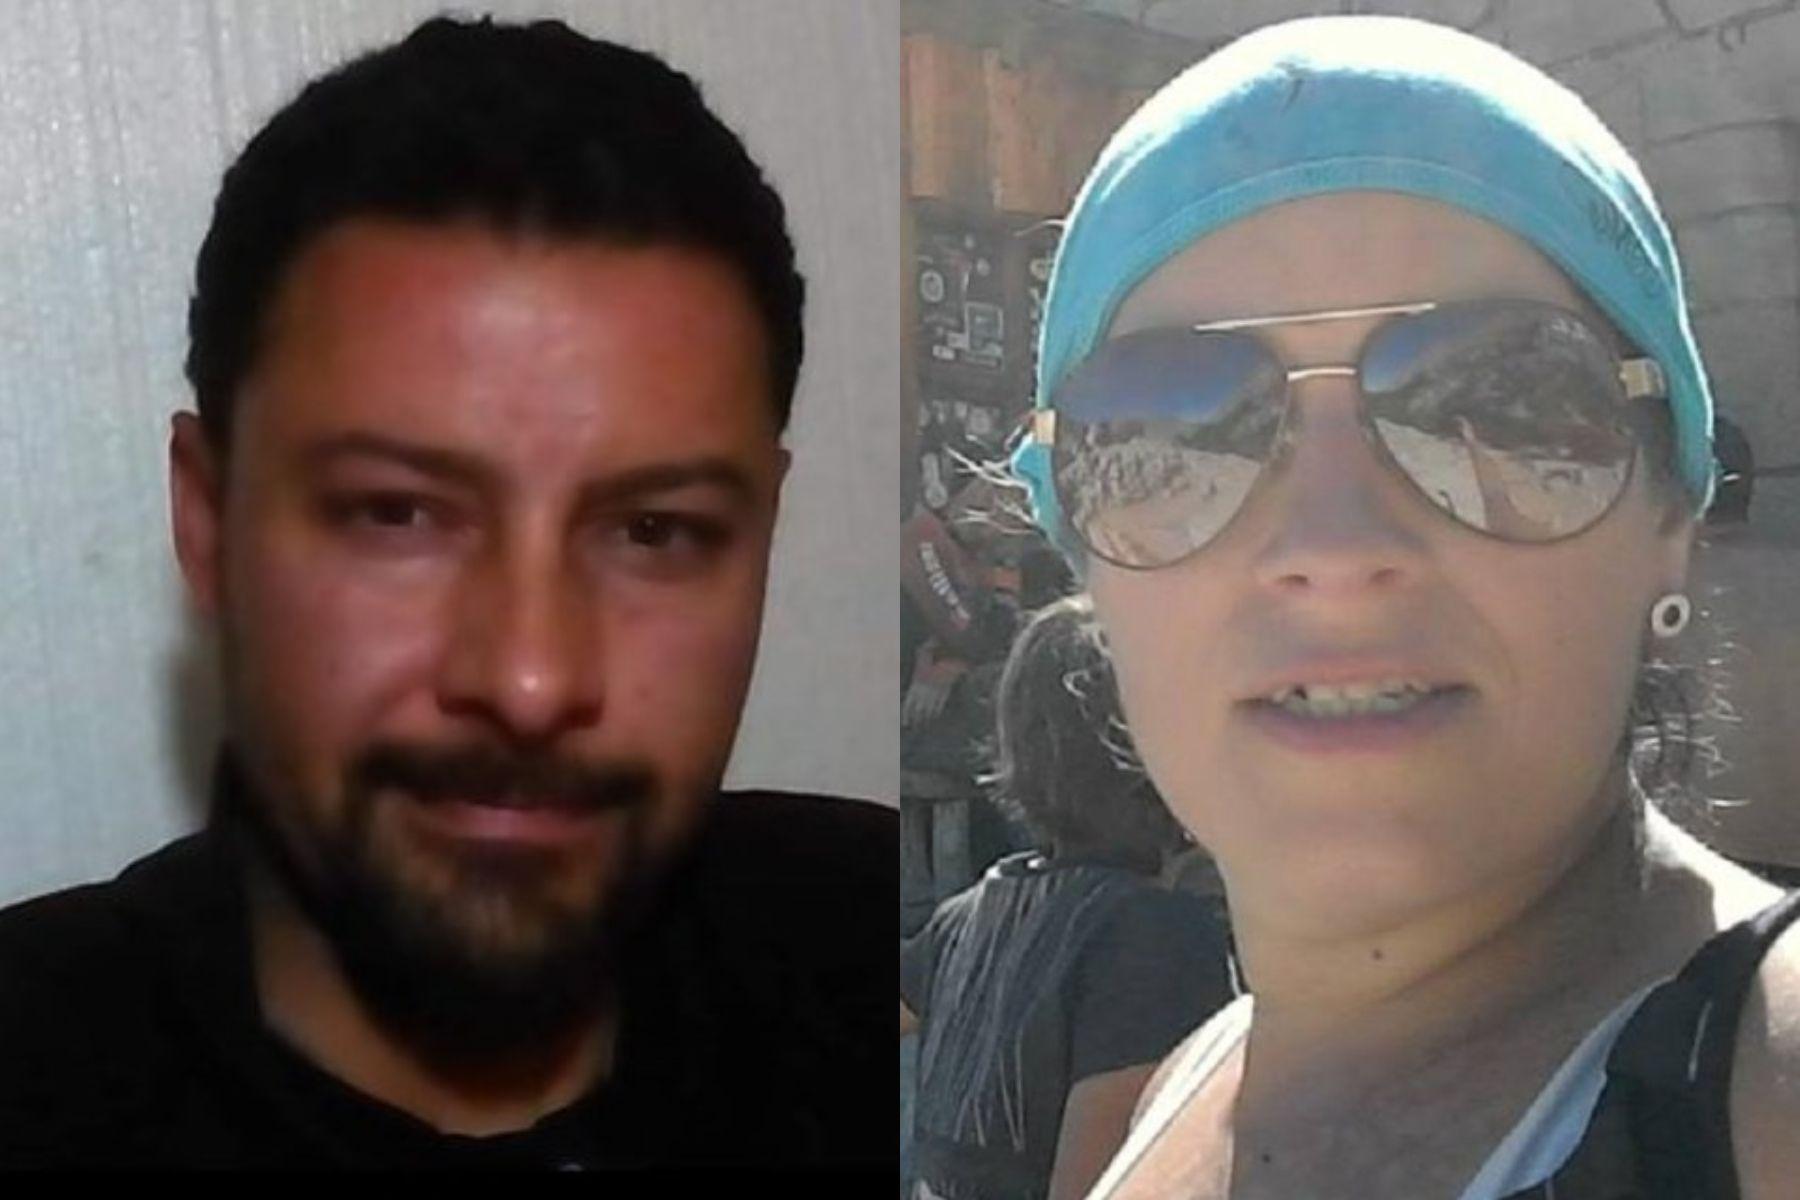 Femicidio en la Catedral de Bariloche: el sospechoso confesó el crimen a sus amigos